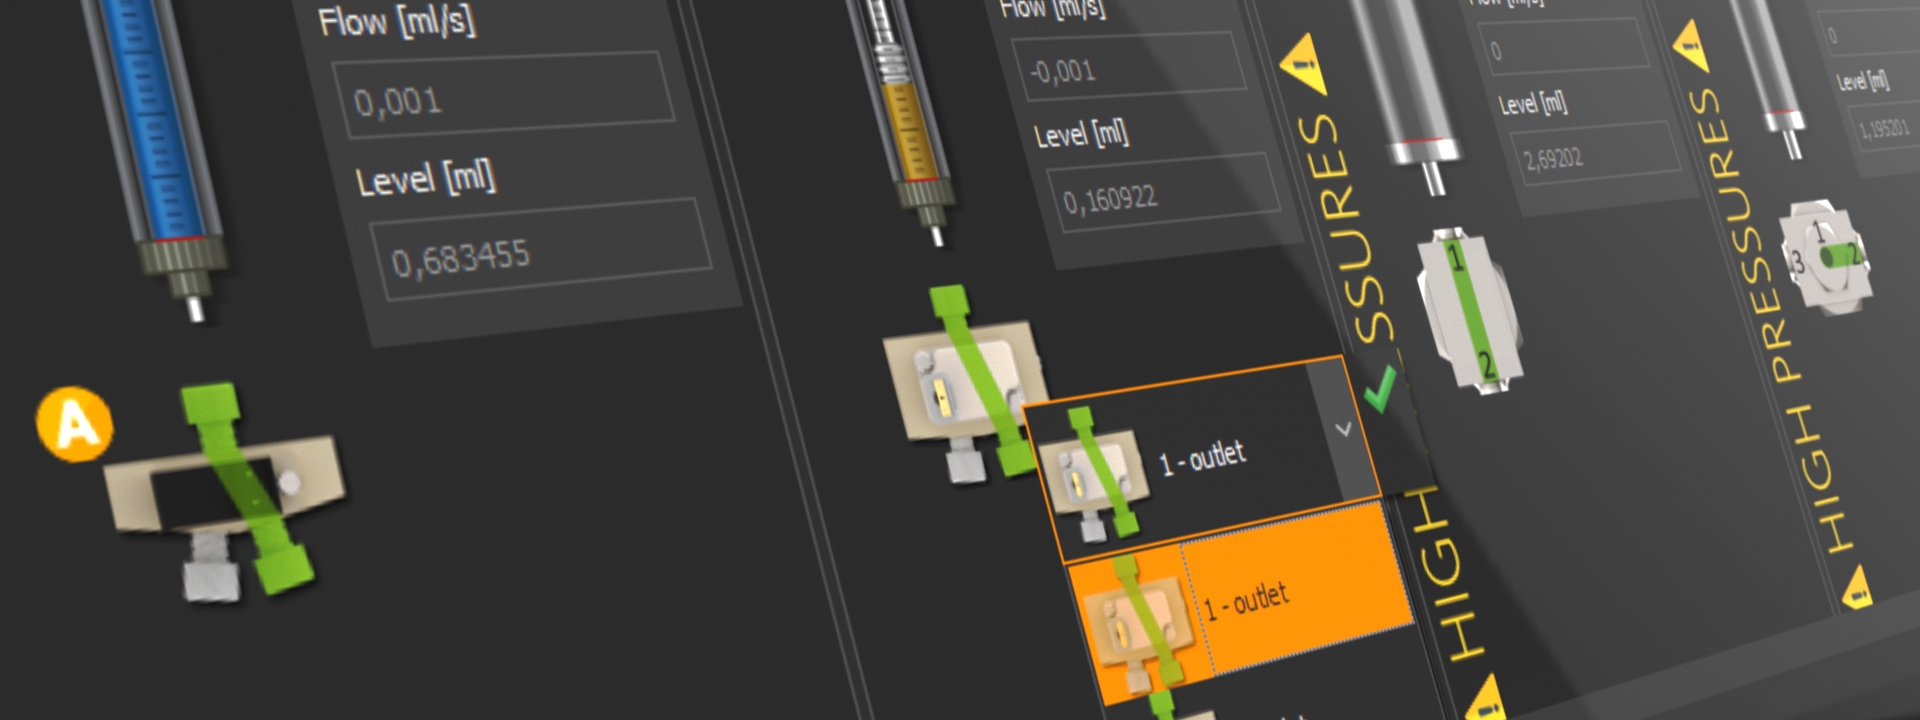 CETONI Elements Nemesys dosiing panel